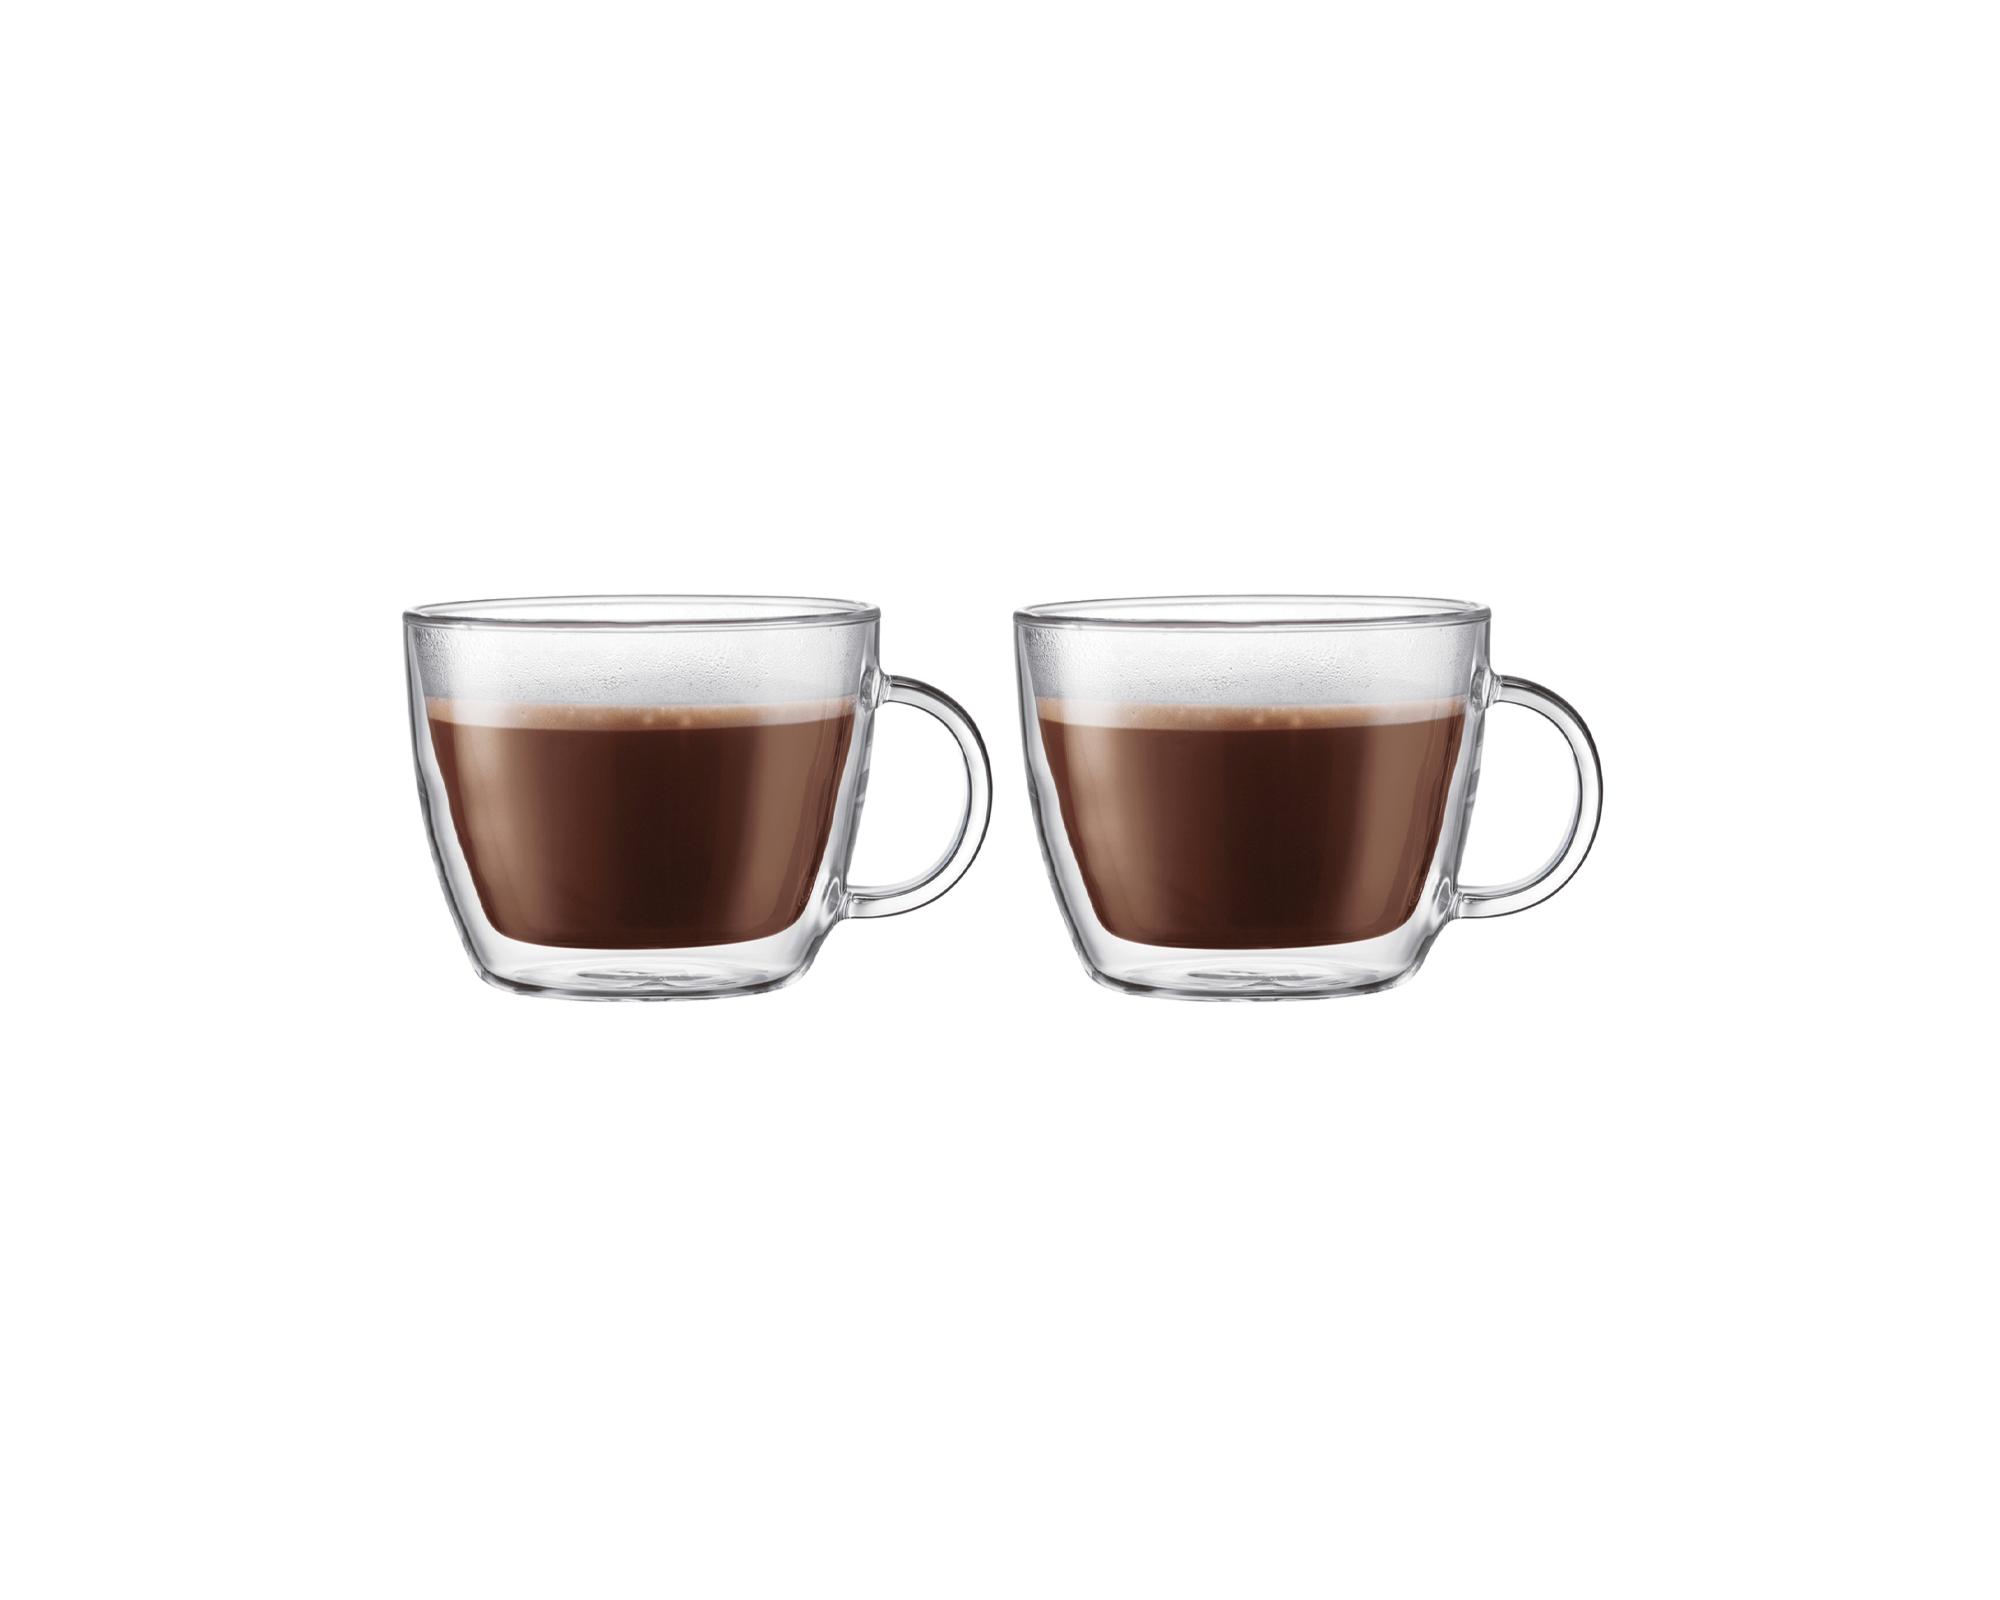 Set de 2 tasses latte Bistro de Bodum I Café Michel